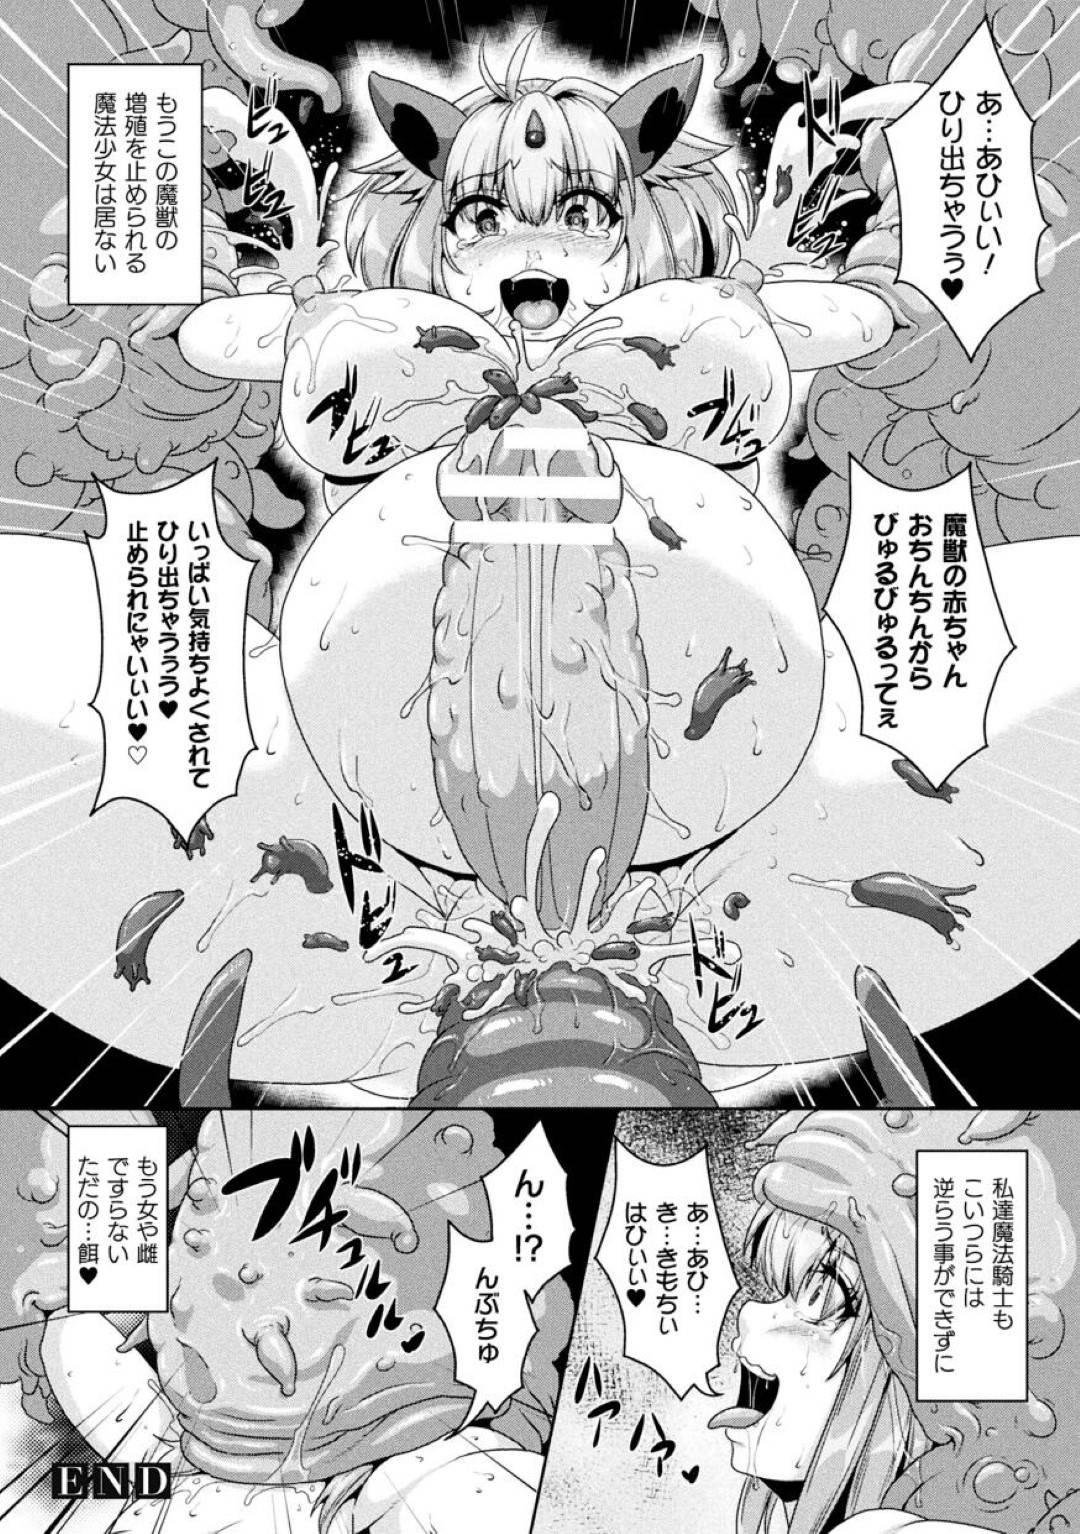 【エロ漫画】魔法世界で魔獣から世界を守る巨乳魔法騎士たち…魔獣を隅に追い詰めたが背後からの襲撃に気づかず形勢逆転されてしまう!【李星:敗北のマジックナイト~吸収無残!ふたなりペニス~】